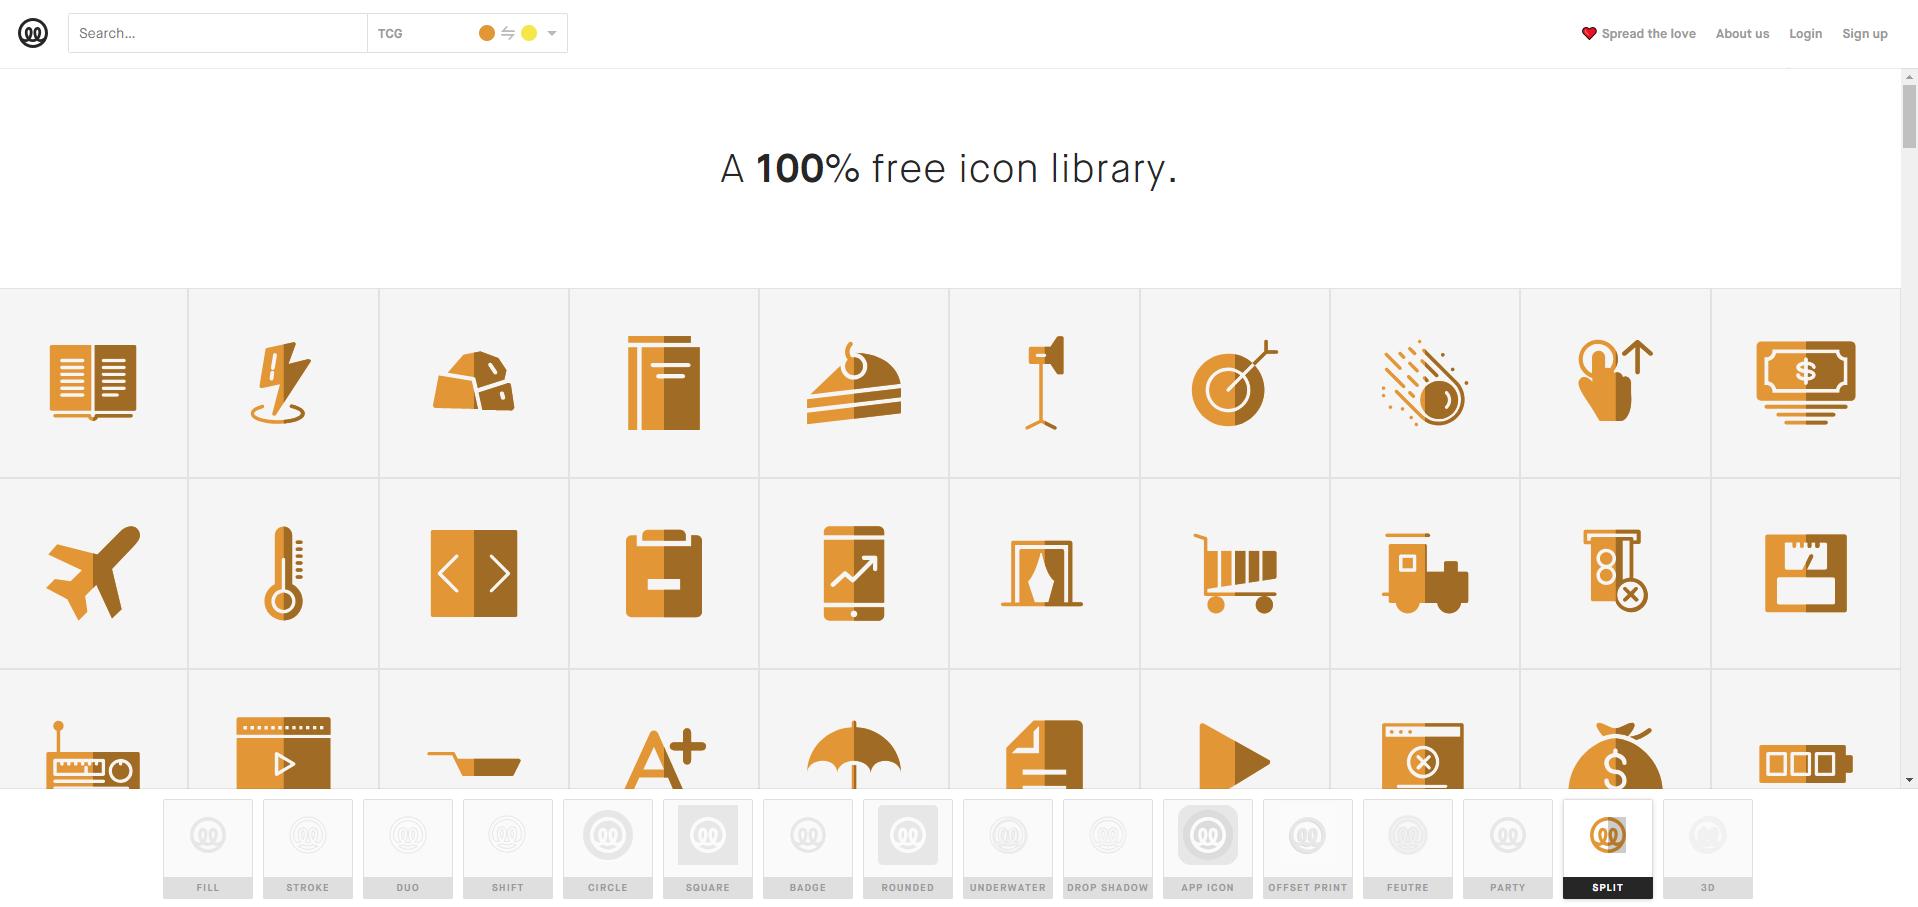 Free icon library - Illustrio